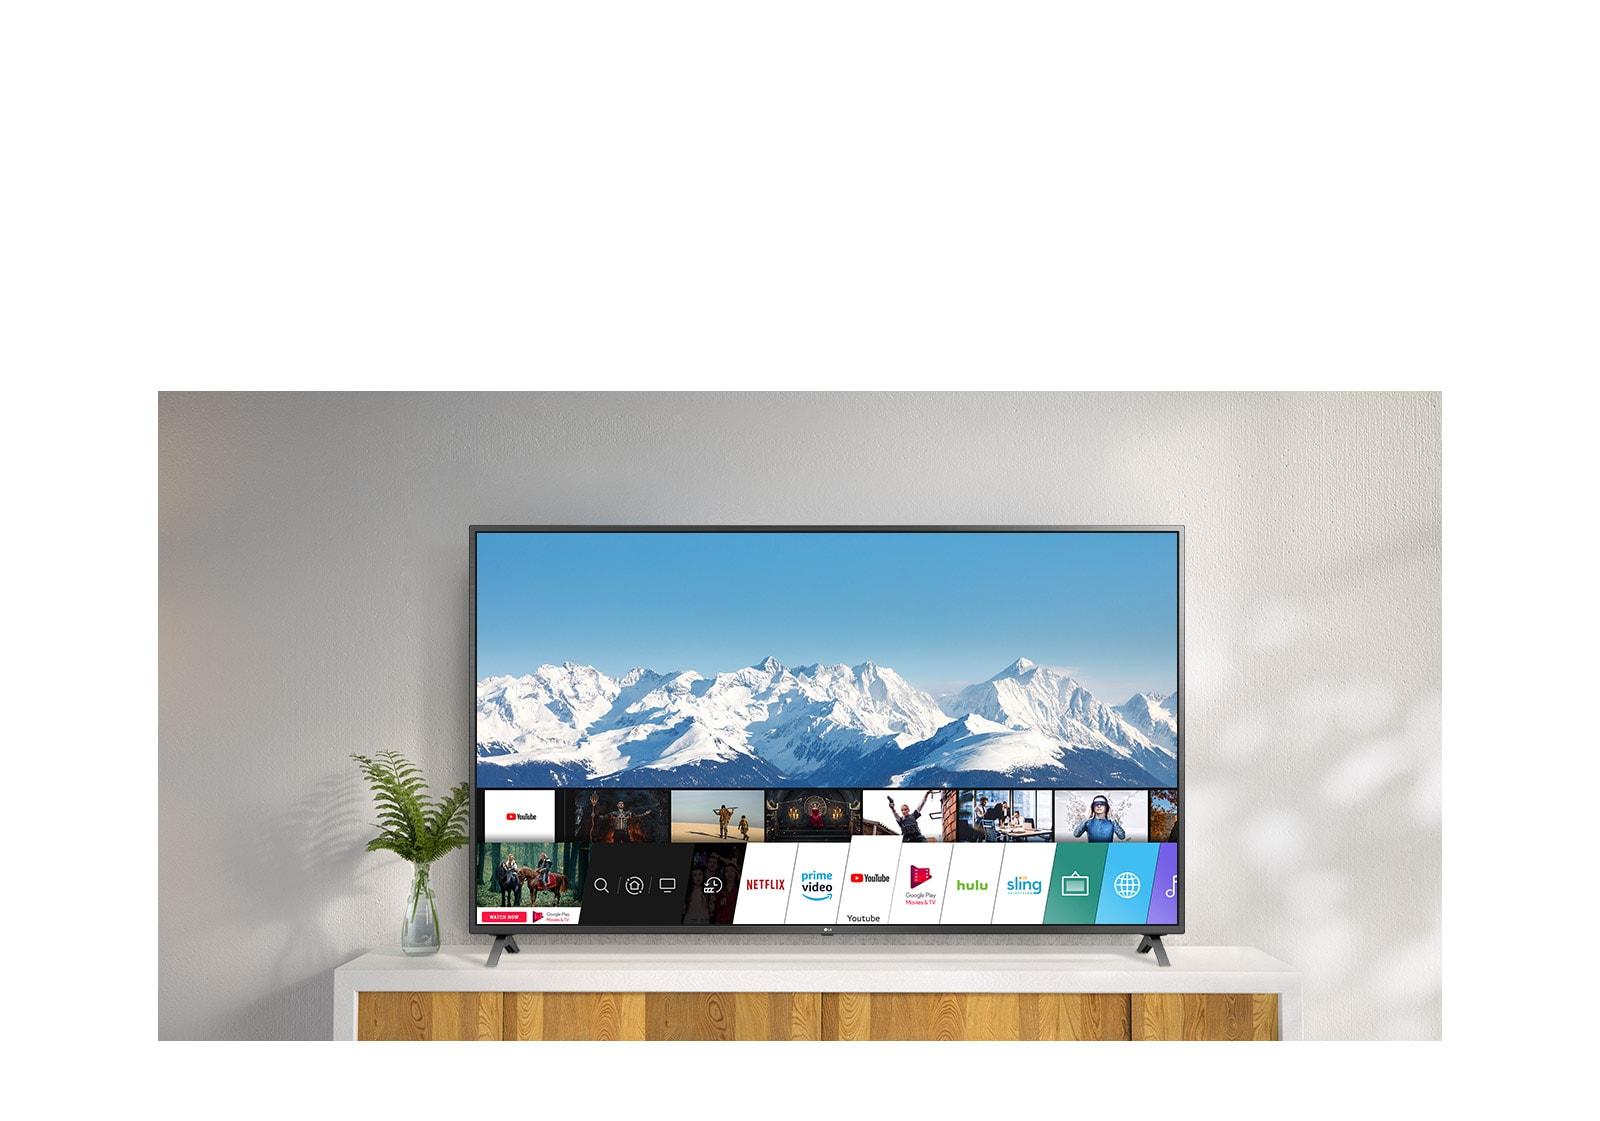 TV debout sur un support blanc contre un mur blanc. L'écran du téléviseur affiche l'écran d'accueil avec webOS.